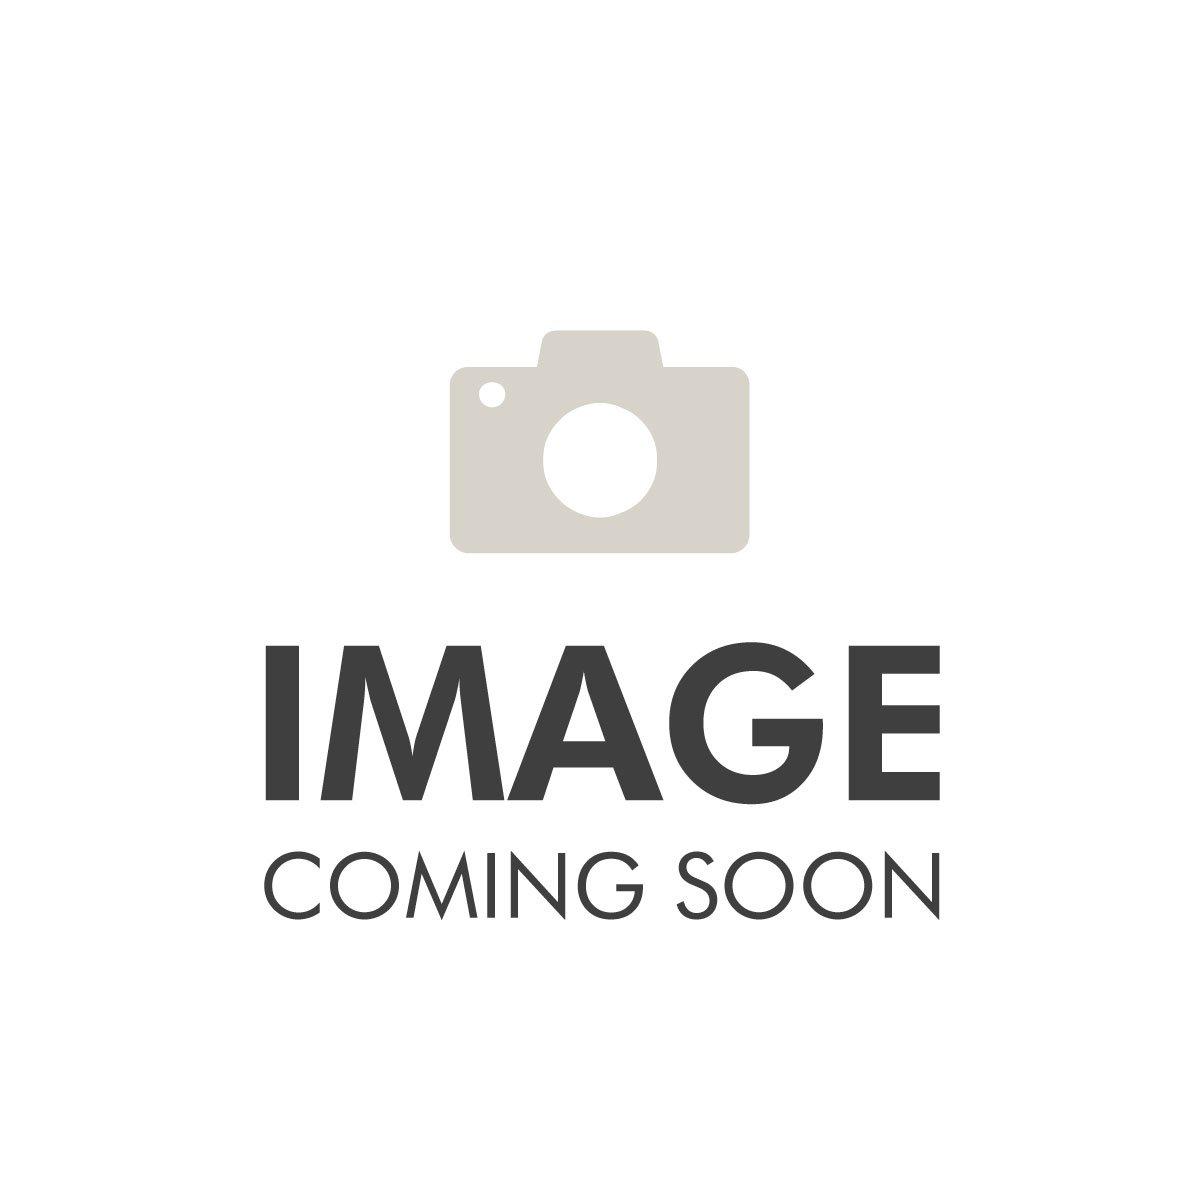 Marc Jacobs Decadence 50ml EDP Spray